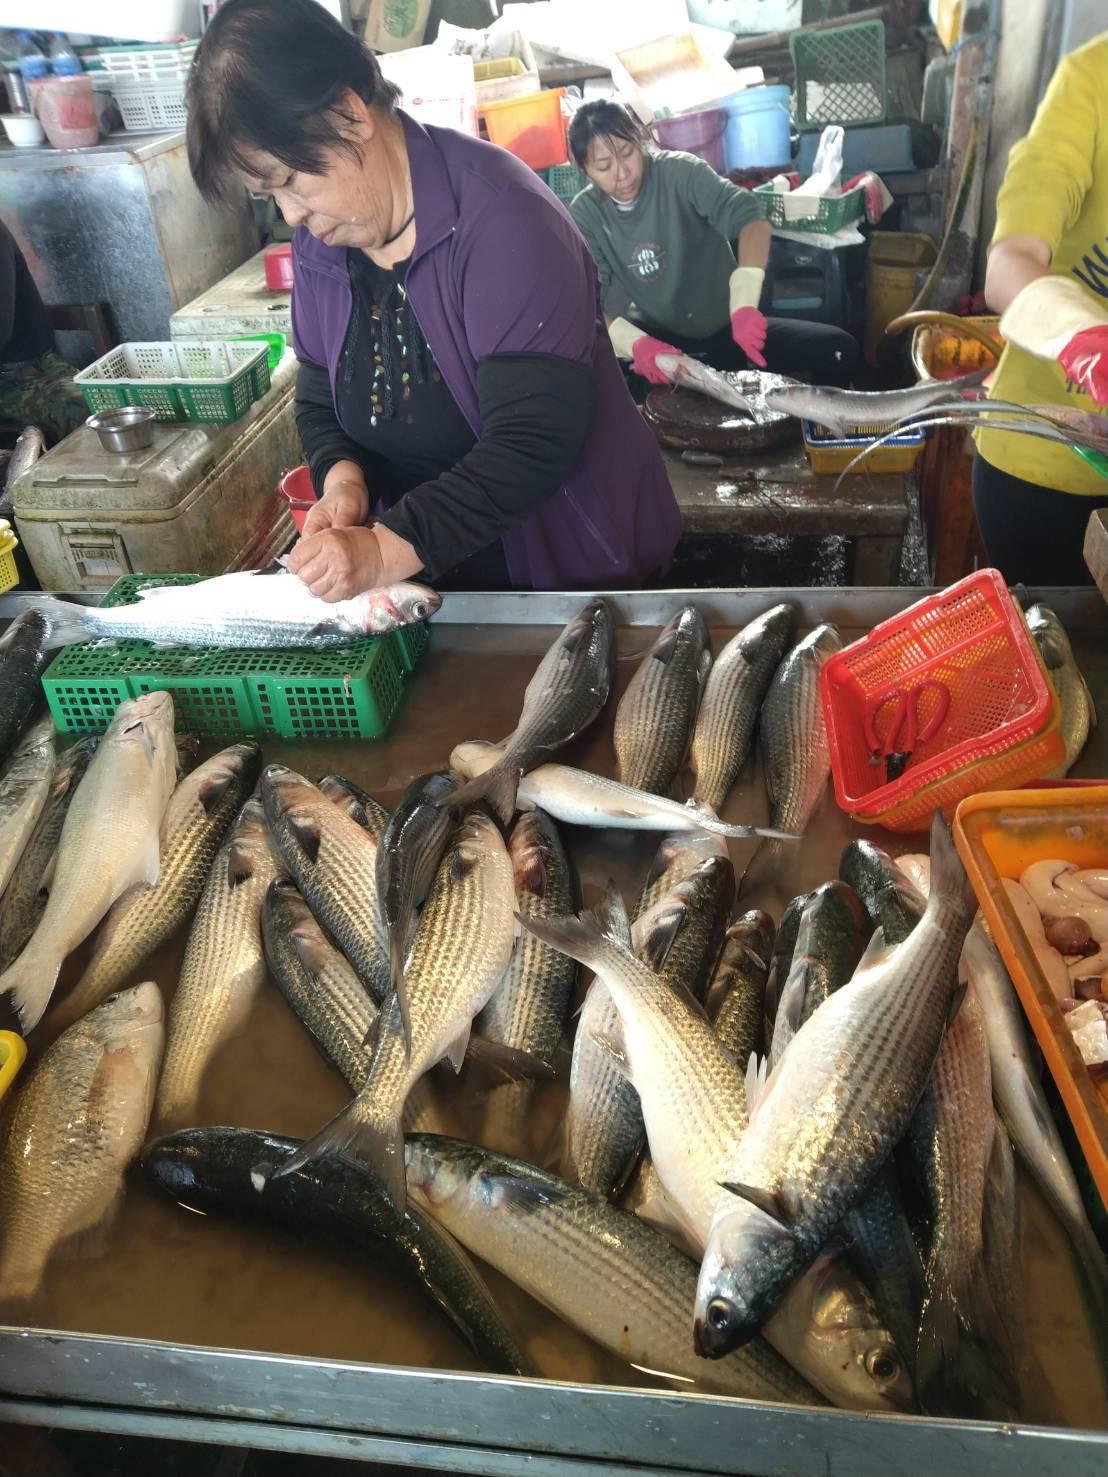 這兩天烏魚已出現在彰化沿海,線西漁民今天就捕了約4000尾烏魚,不只有烏魚卵,烏...